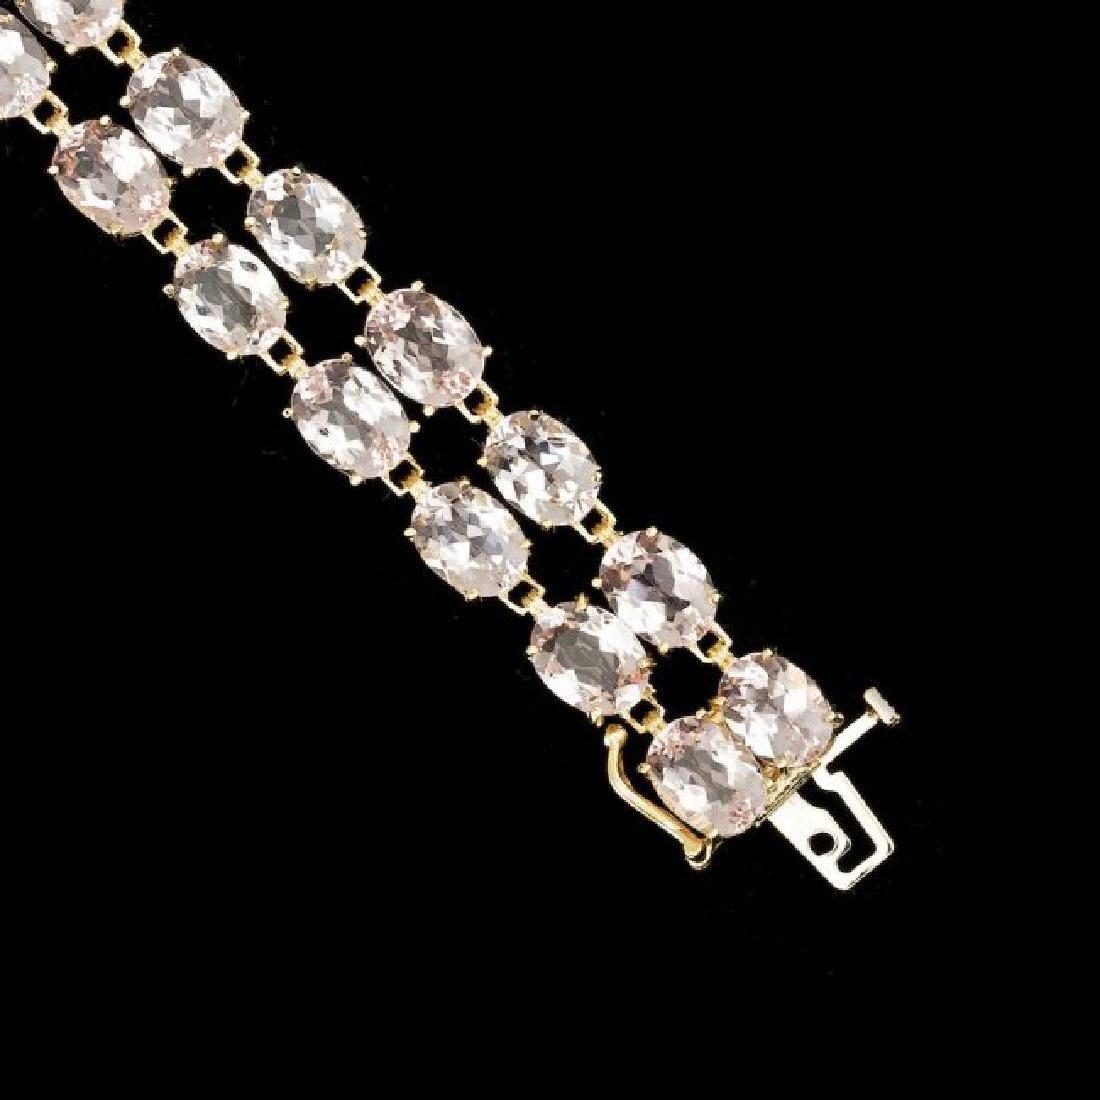 14k Gold 41.5ct Morganite 0.60ct Diamond Bracelet - 3